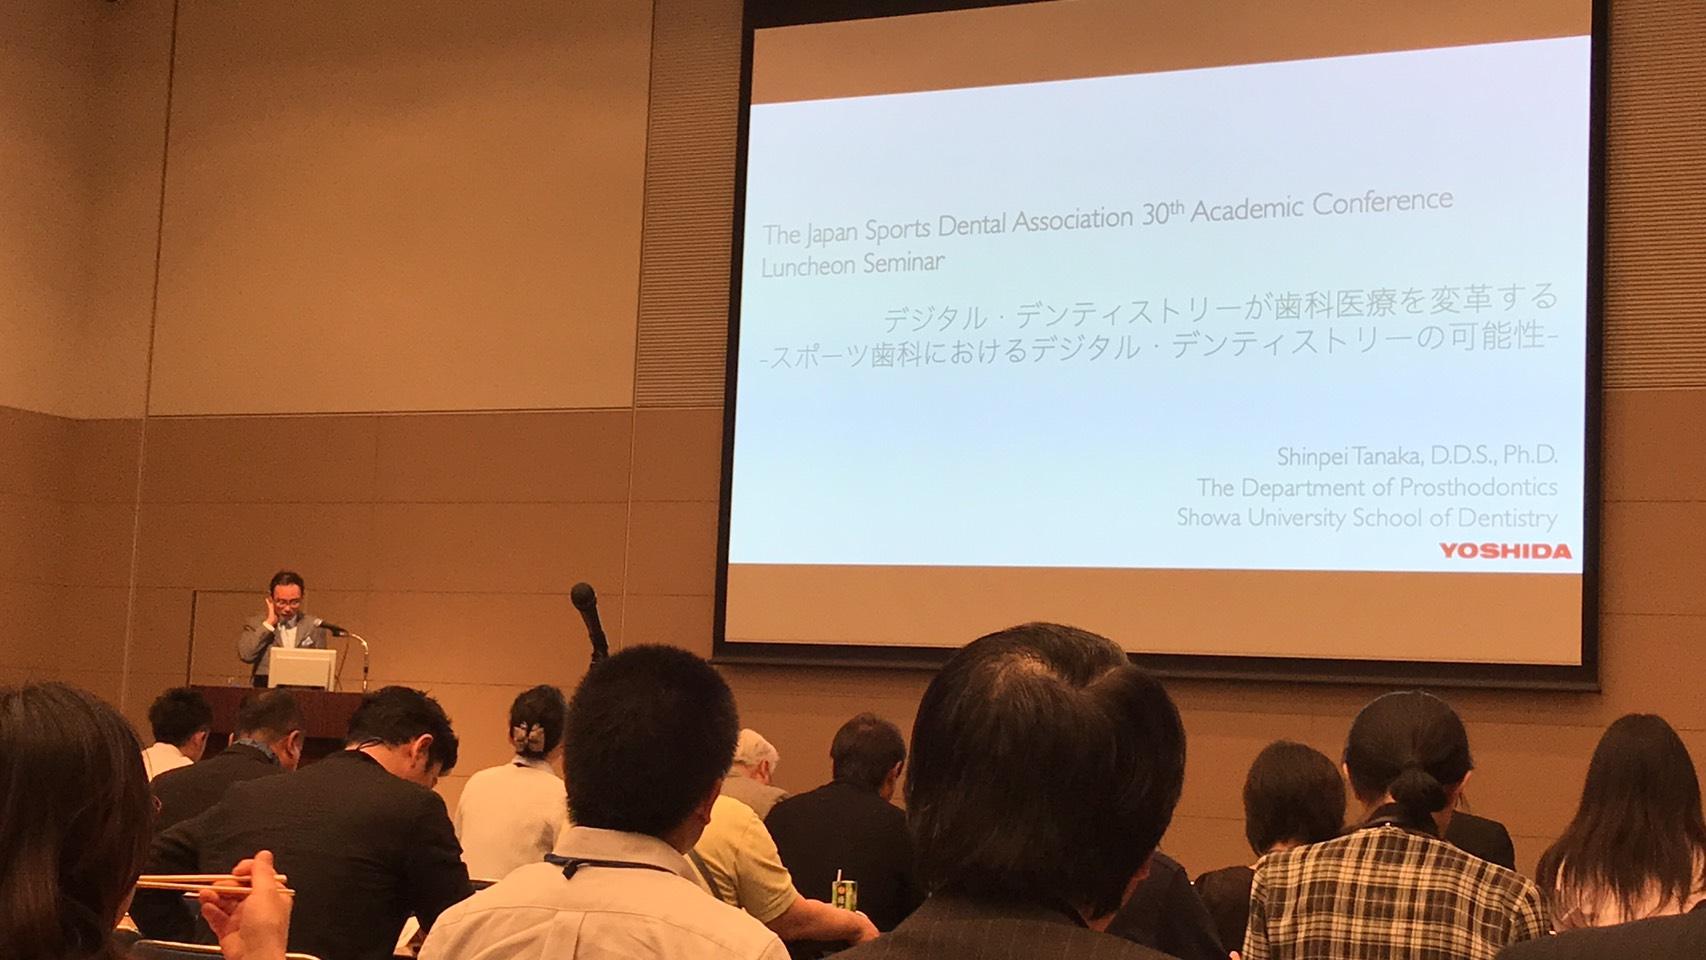 日本スポーツ歯科医学会第30回総会・学術大会